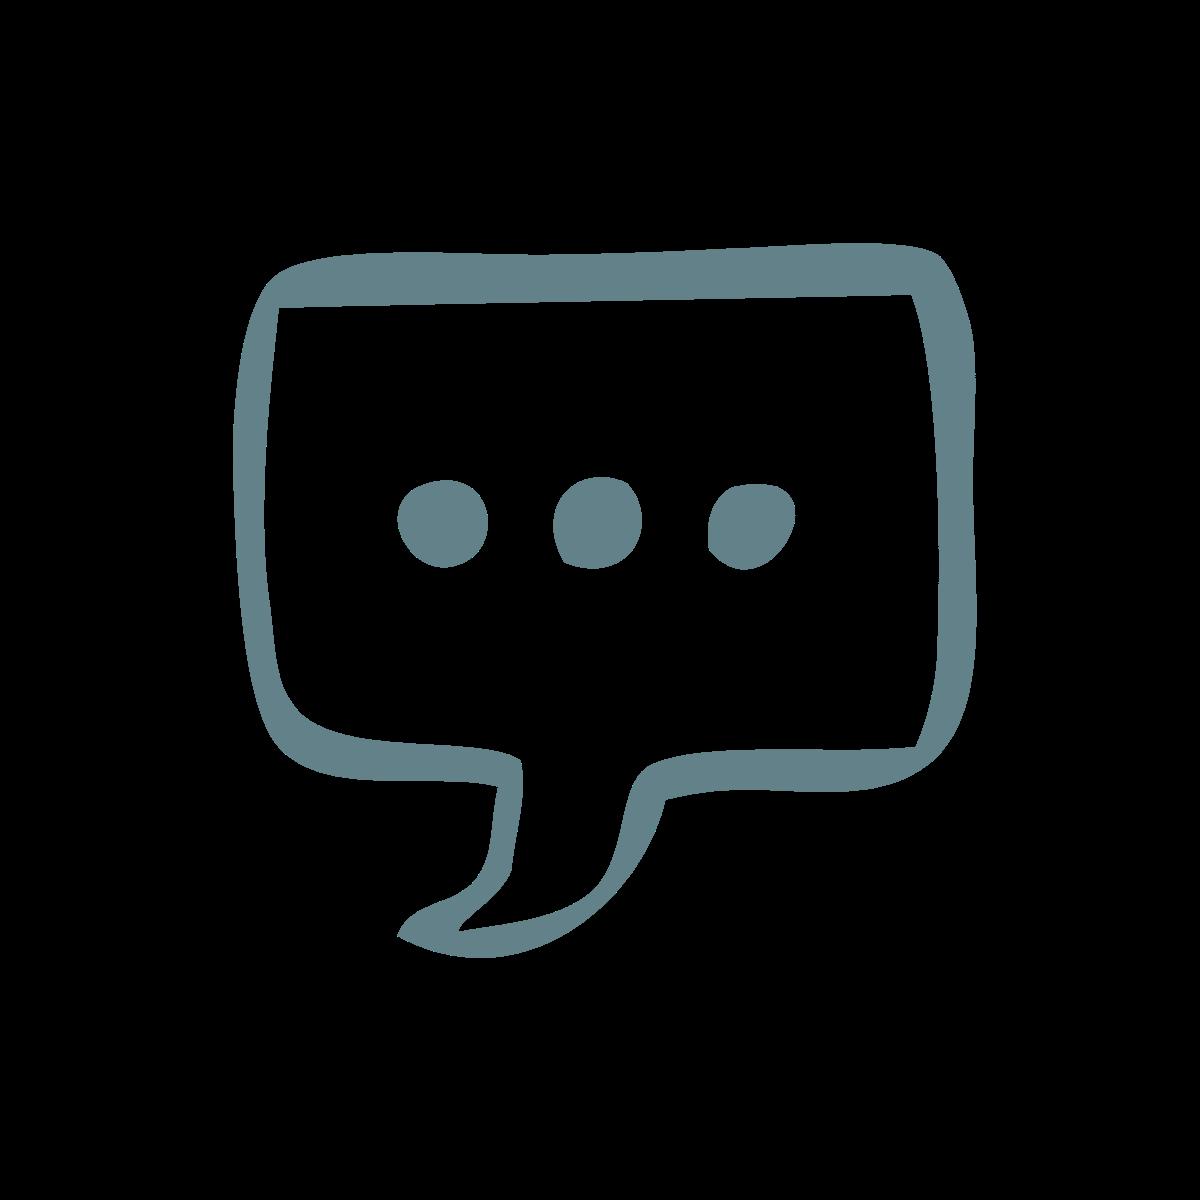 icon-text